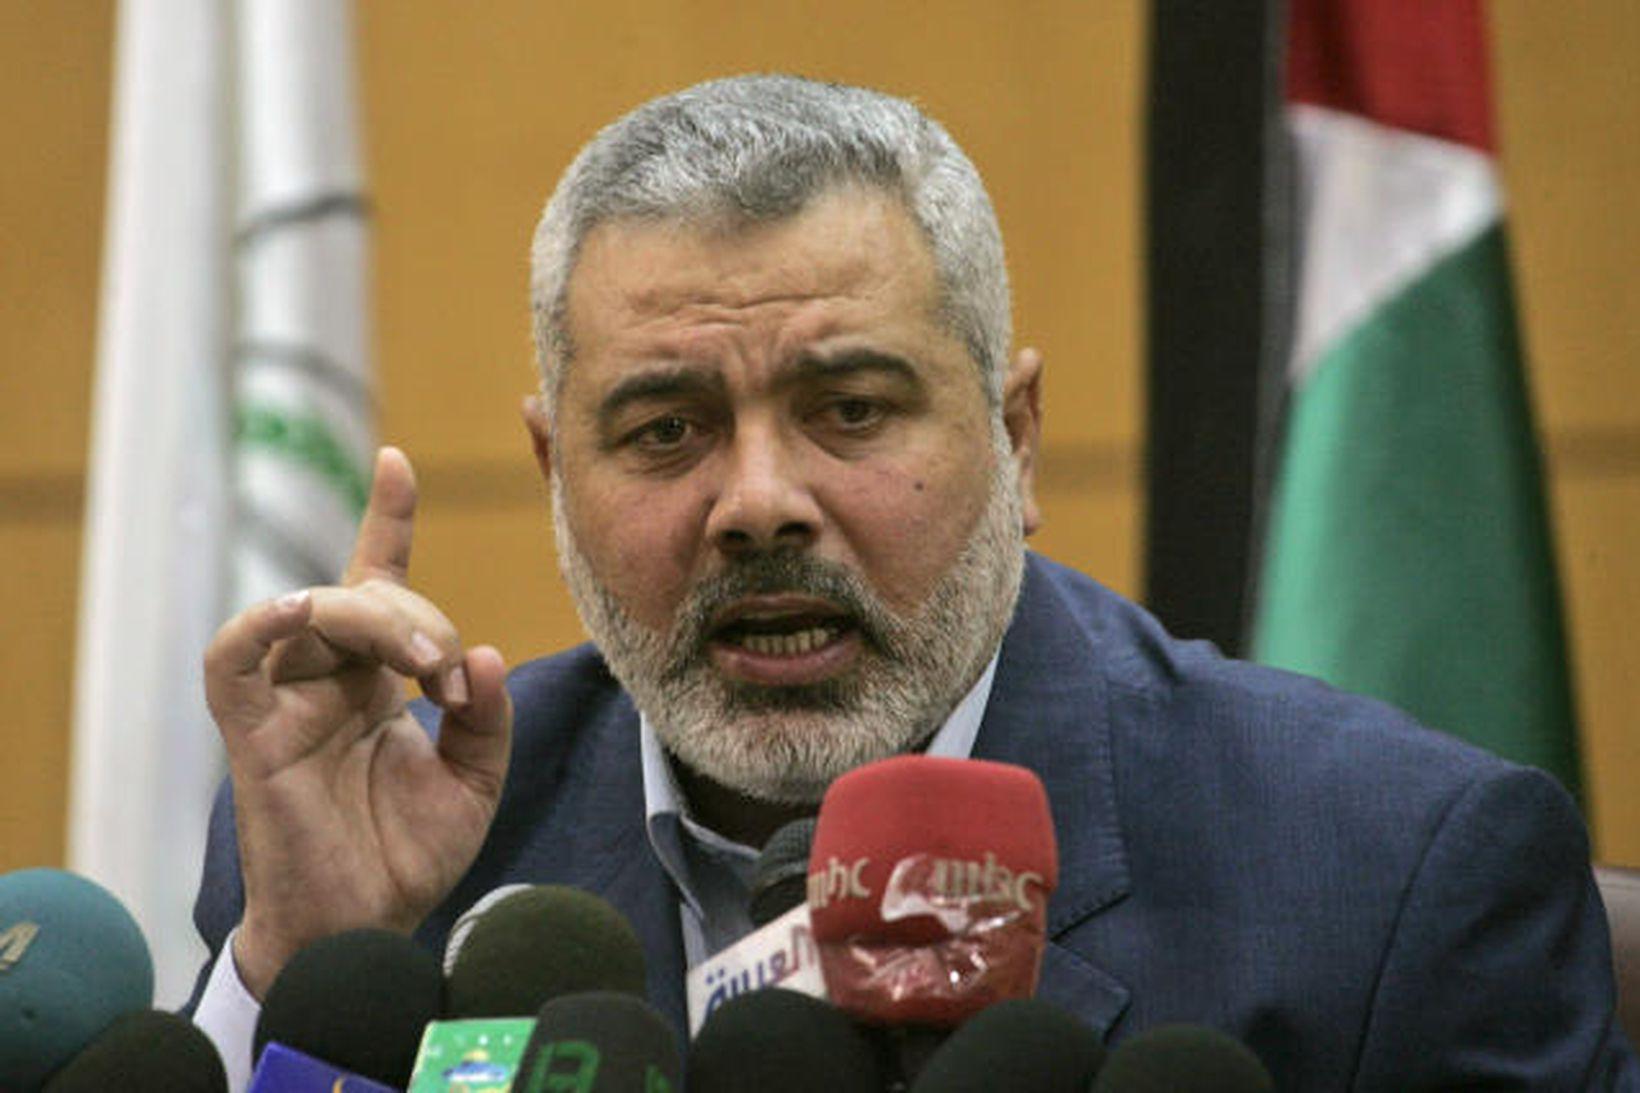 Ismail Haniyeh, forsætisráðherra Hamas-samtakanna á Gasasvæðinu, er hann flutti ræðu …